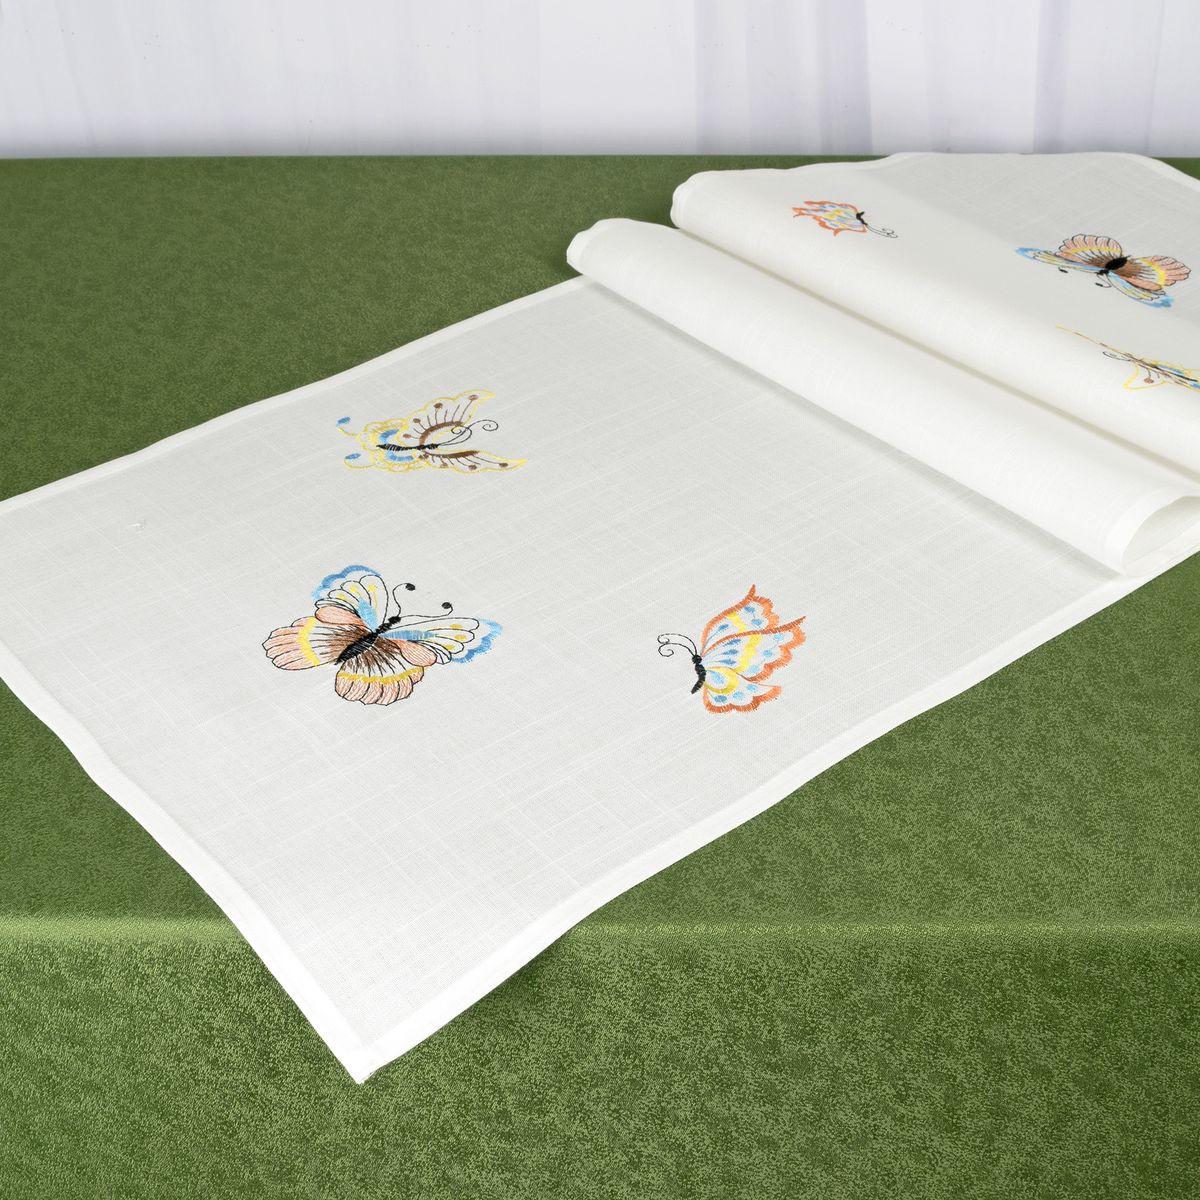 Дорожка для декорирования стола Schaefer, 40 x 140 см, цвет: белый. 07720-211VT-1520(SR)Дорожка для декорирования стола Schaefer может быть использована, как основной элемент, так и дополнение для создания уюта и романтического настроения.Дорожка выполнена из полиэстера. Изделие легко стирать: оно не мнется, не садится и быстро сохнет, более долговечно, чем изделие из натуральных волокон.Материал: 100% полиэстер.Размер: 40 x 140 см